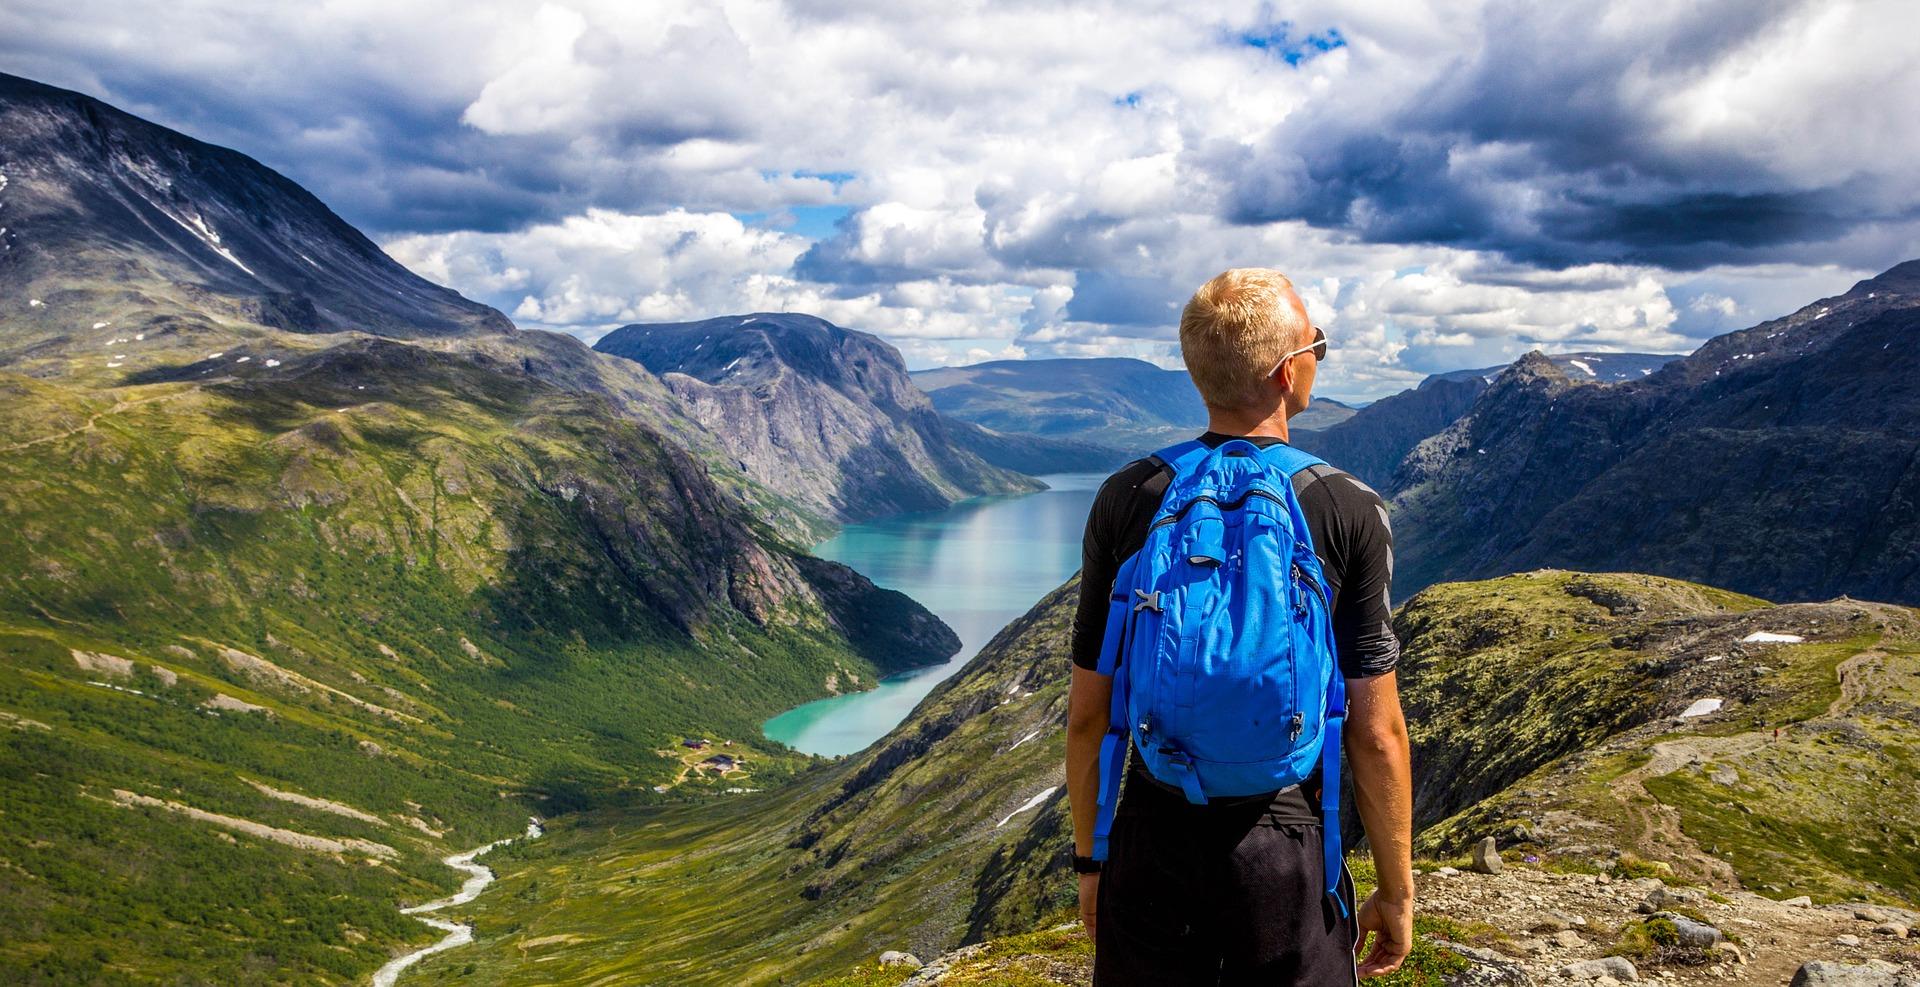 ПриватБанк презентував міжнародний мобільний додаток для туристів